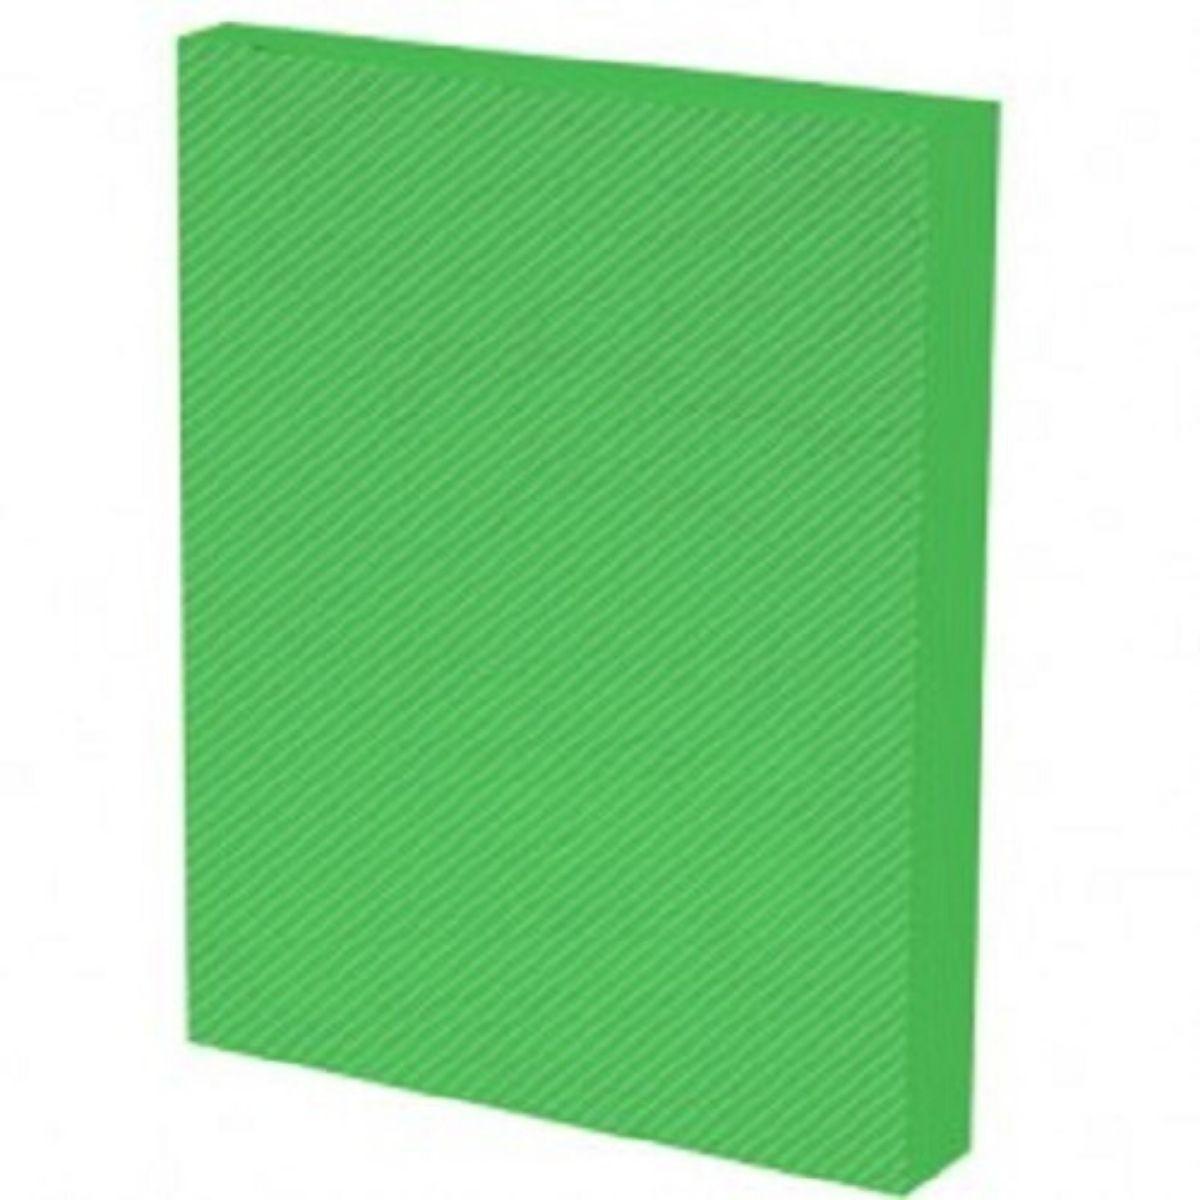 Kit 500 Capas para Encadernação PP 0,30mm A4 Verde Line (Frente)  - Click Suprimentos